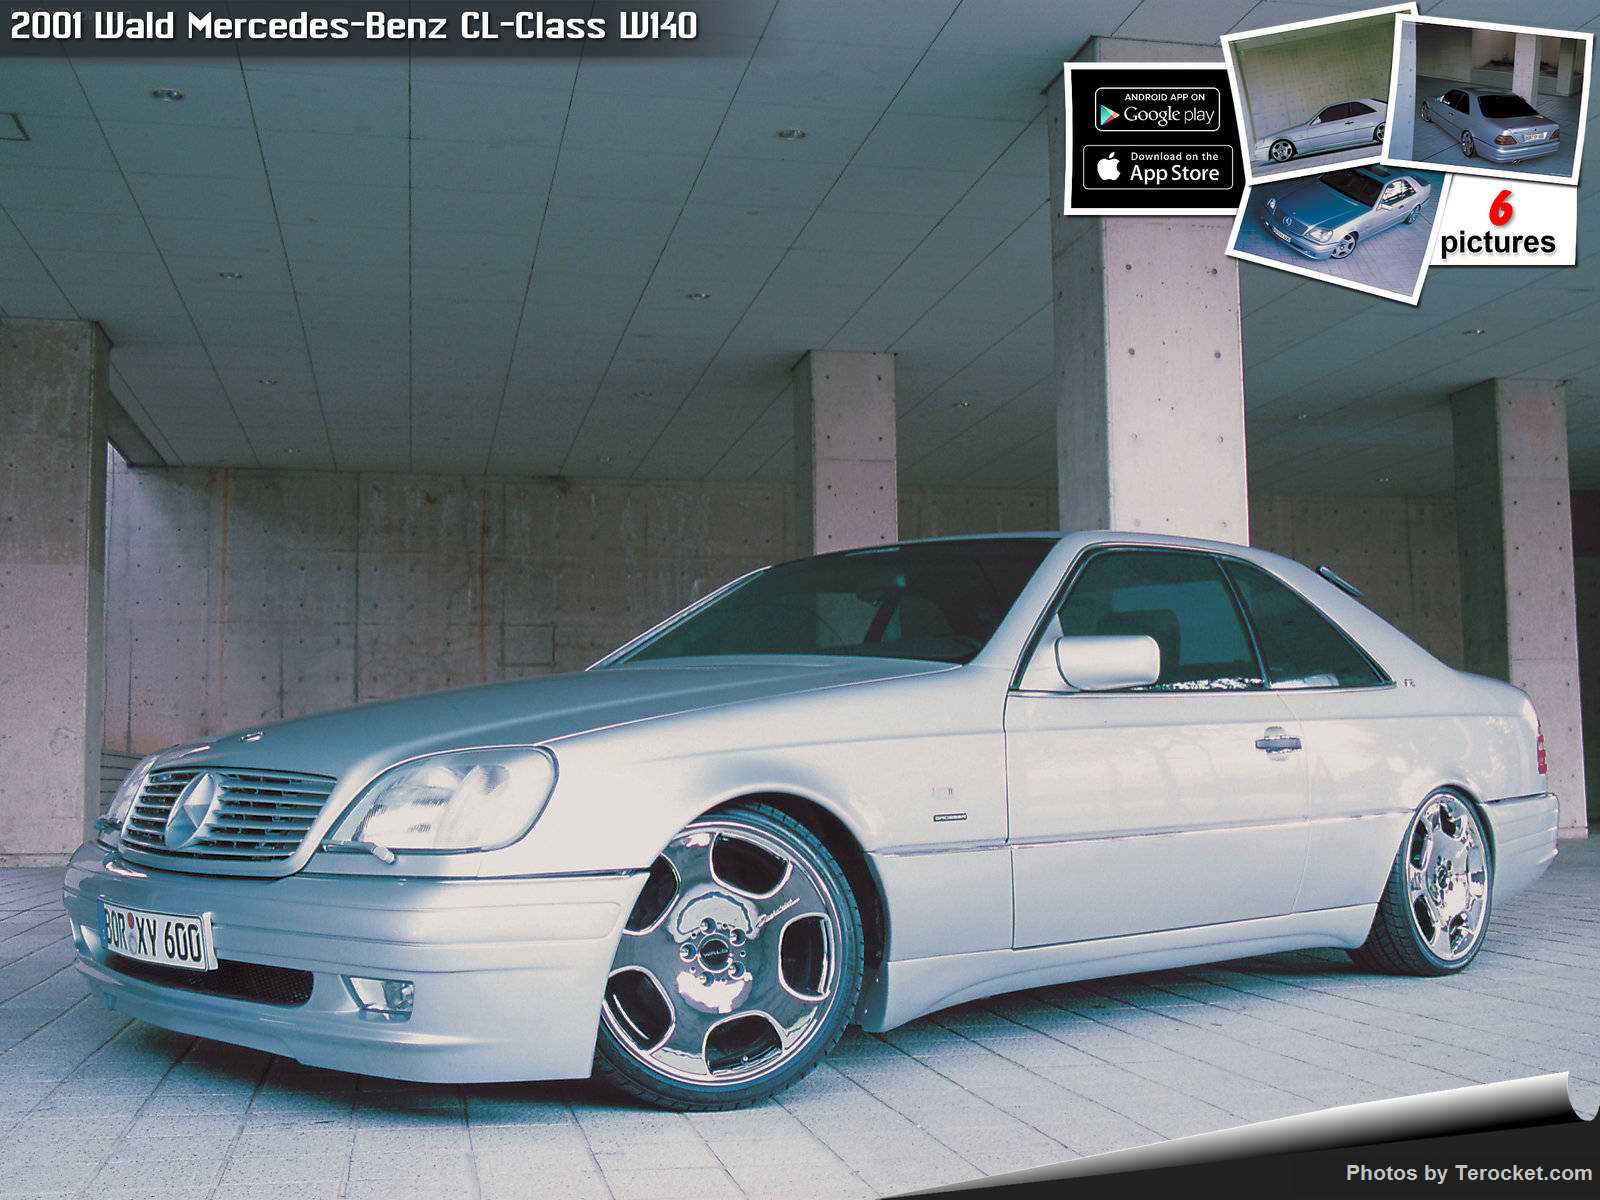 Hình ảnh xe độ Wald Mercedes-Benz CL-Class W140 2001 & nội ngoại thất